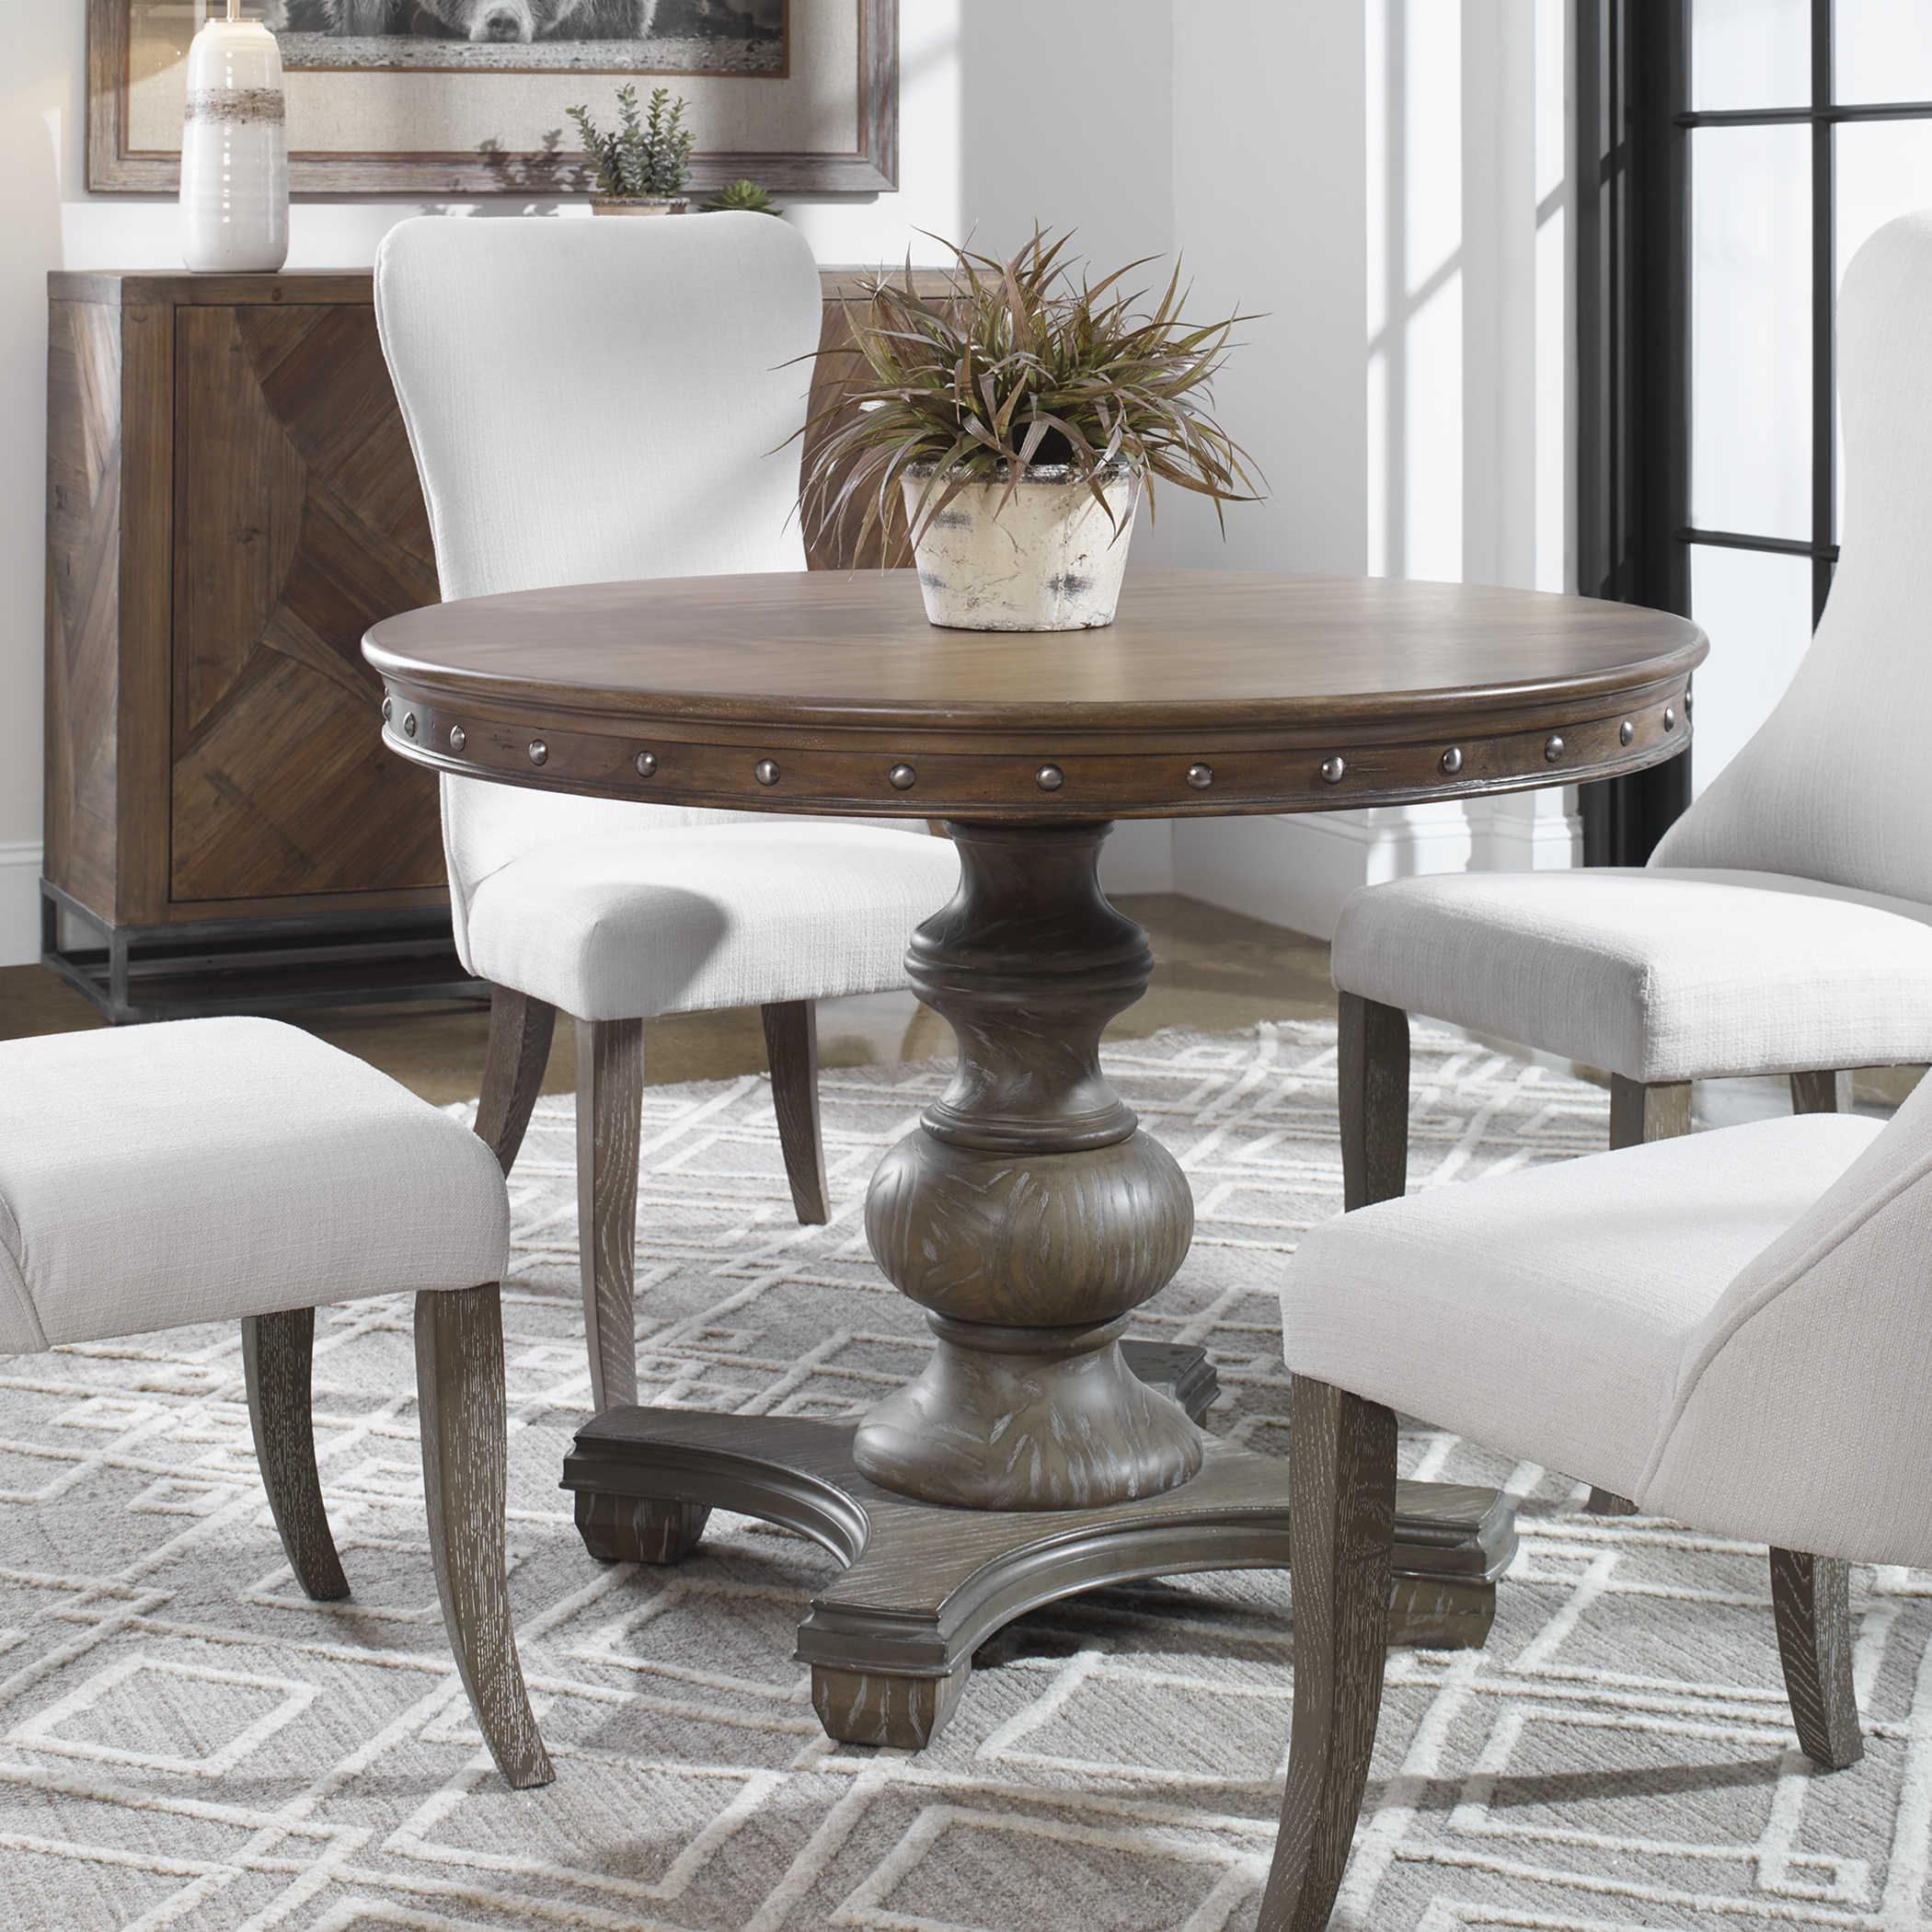 Sylvana Dining Table Uttermost, Uttermost Dining Room Tables